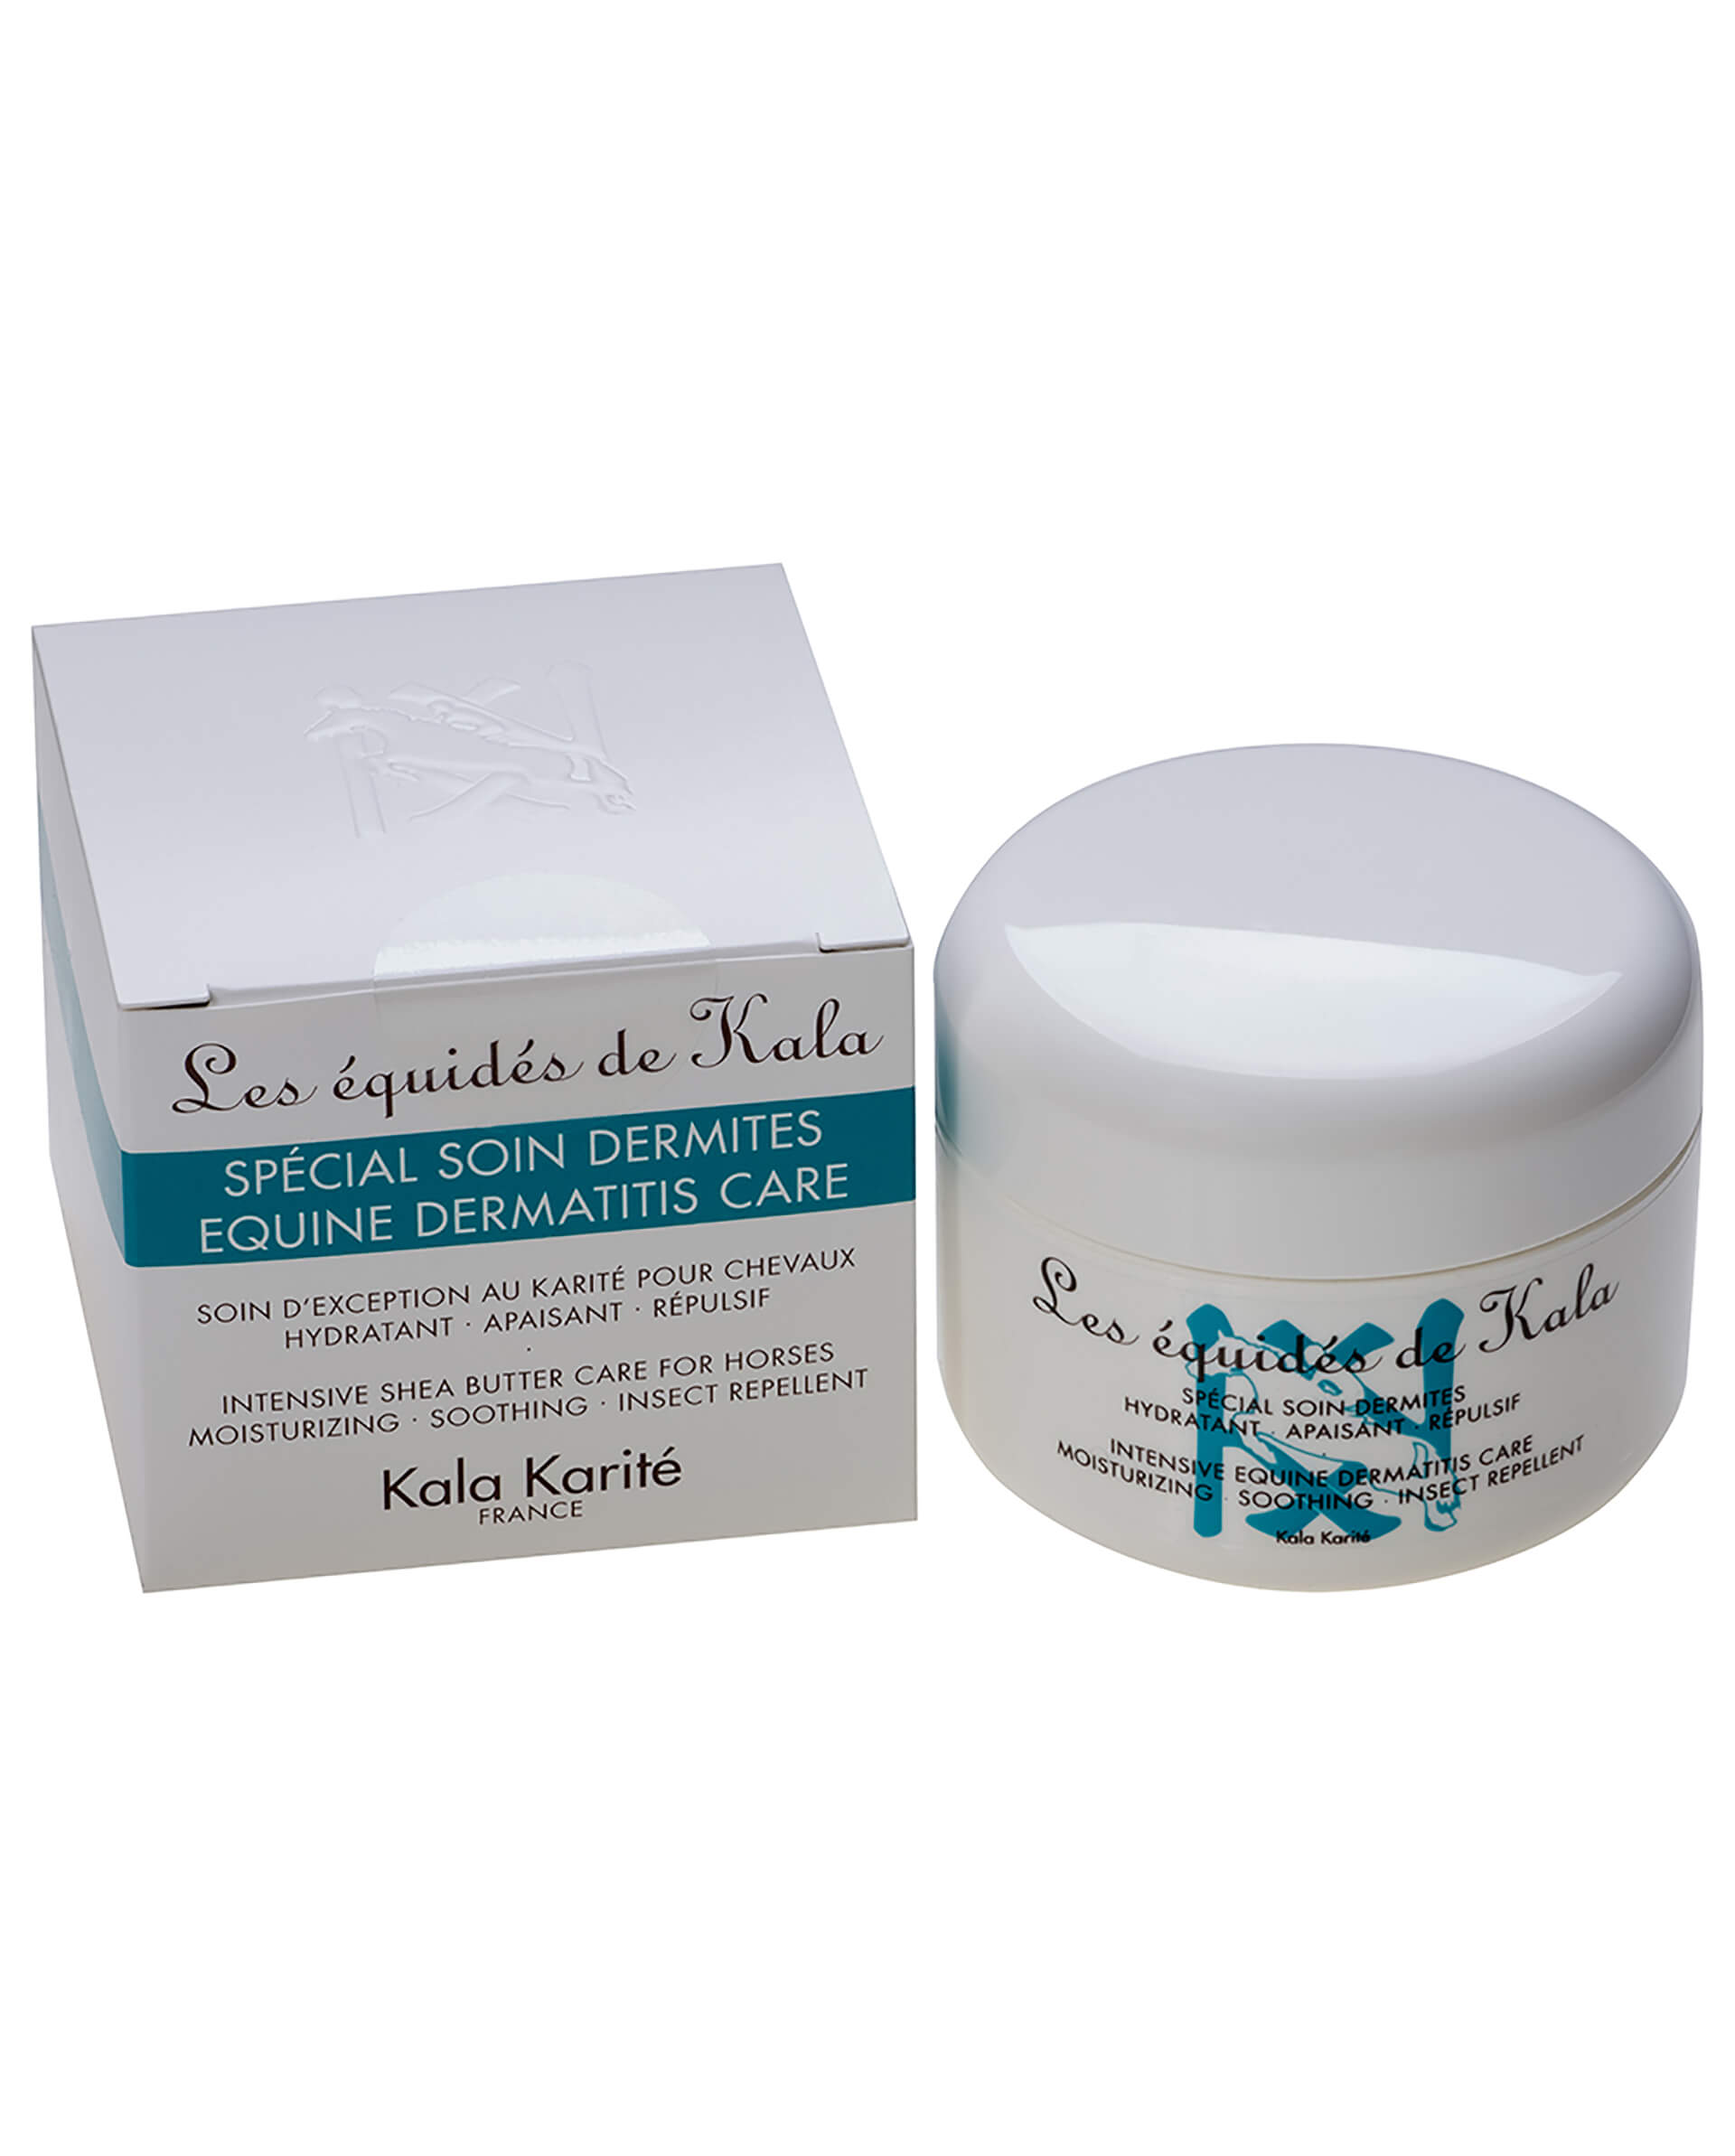 Amplitude-Sellerie-Boutique-Kala-Karite-Dermites-tiny-meta